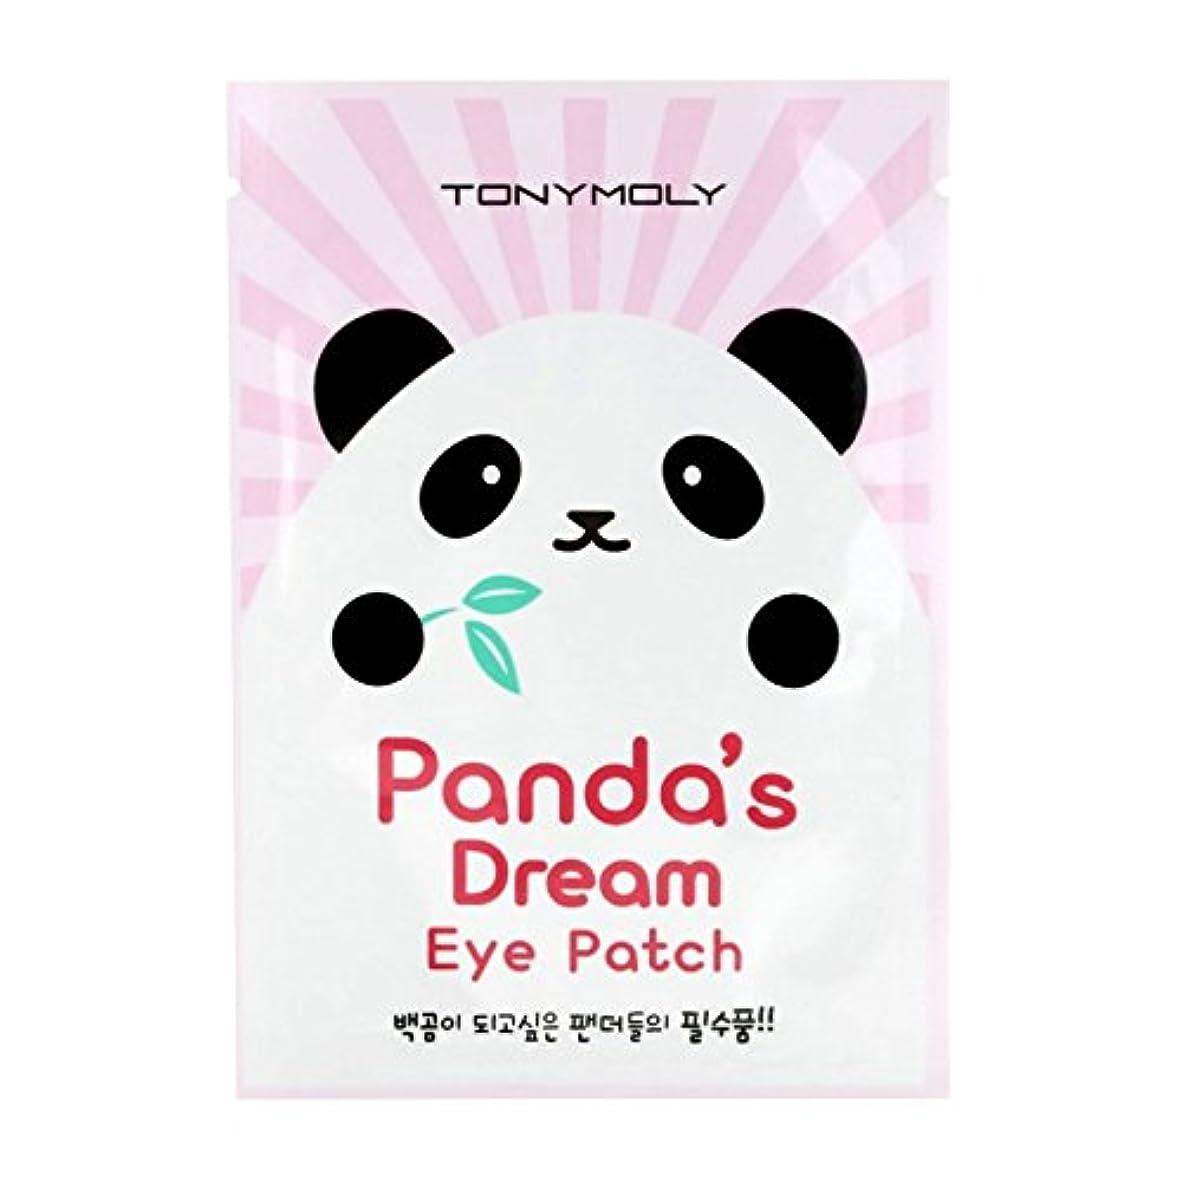 隠す意気揚々アコー(3 Pack) TONYMOLY Panda's Dream Eye Patch (並行輸入品)